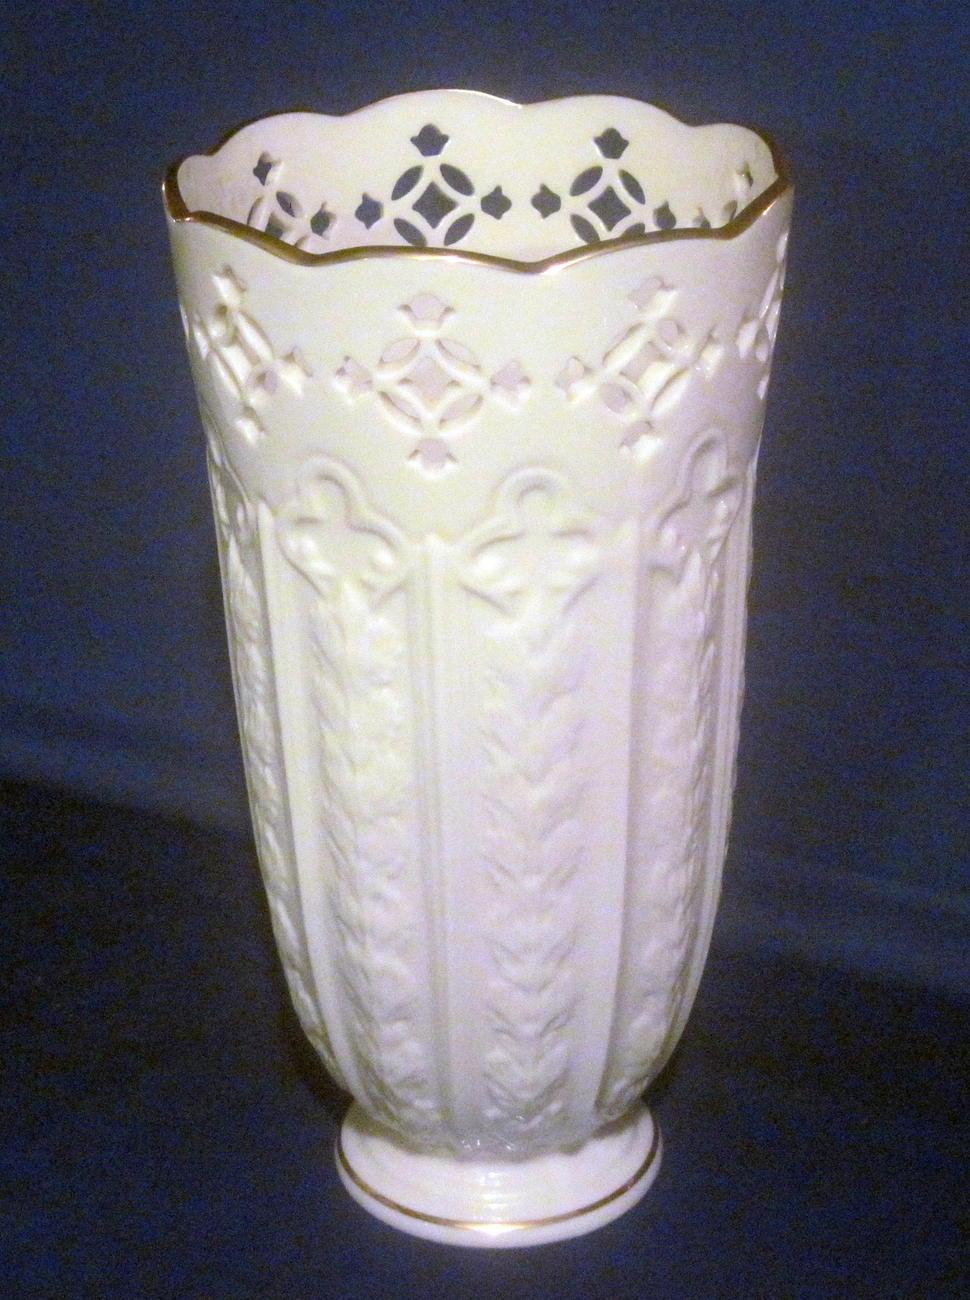 lenox fleur de lis pierced vase 9 5 inch ivory gold vases. Black Bedroom Furniture Sets. Home Design Ideas